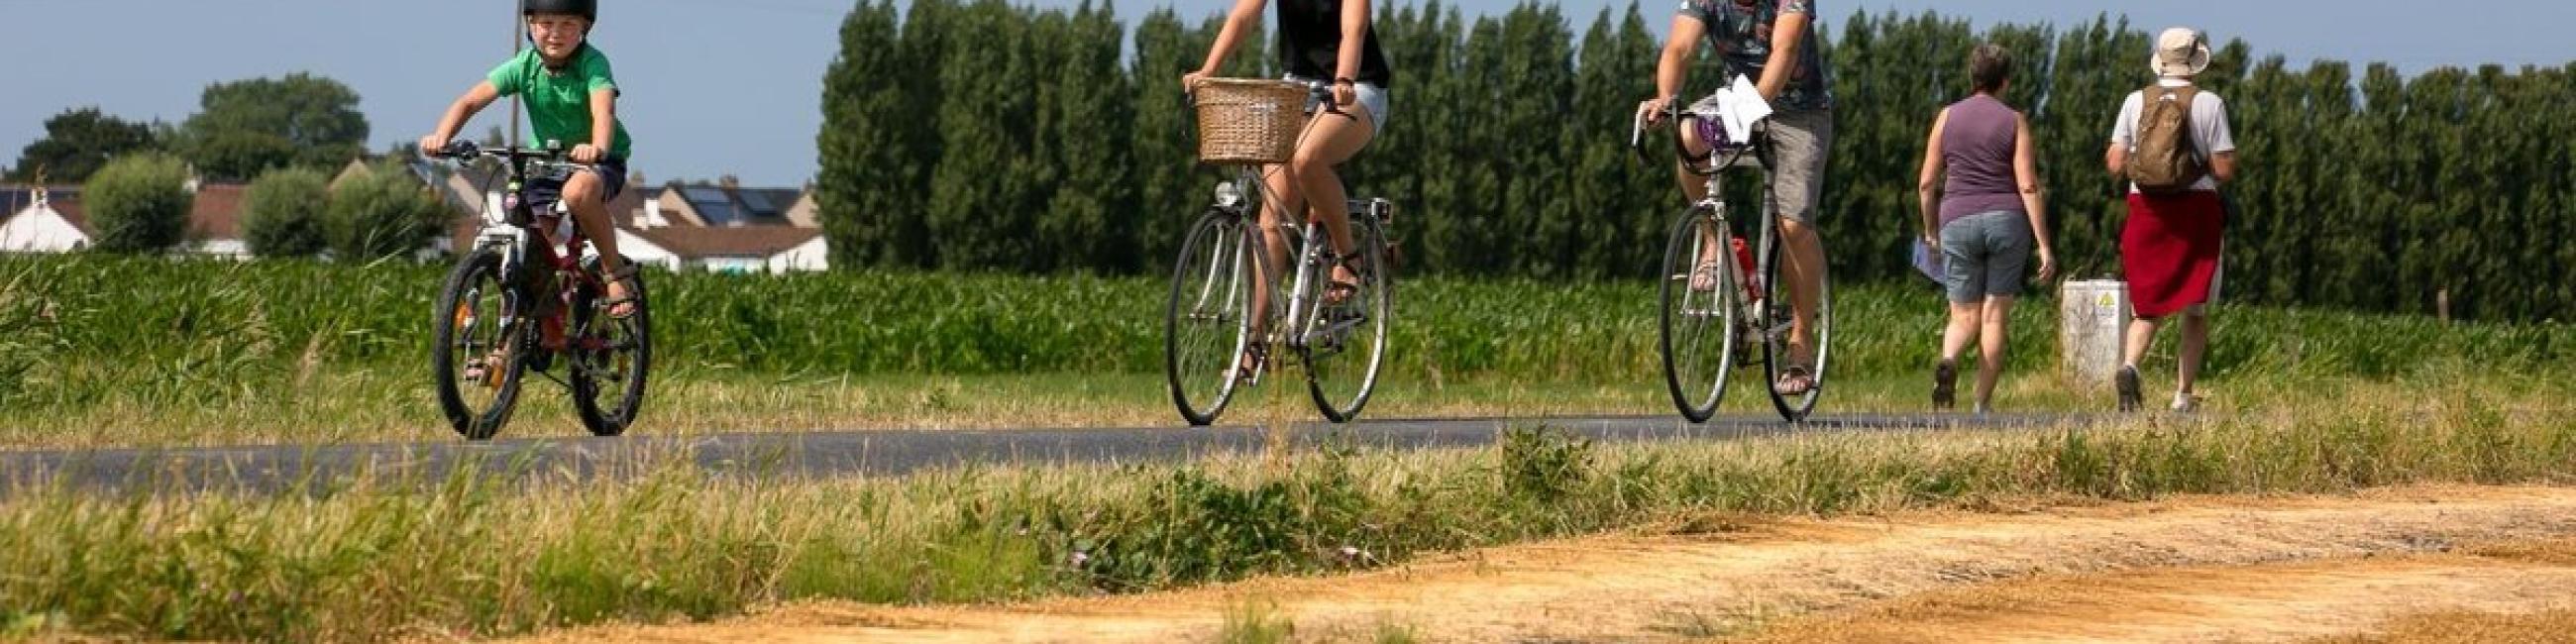 fietsen en wandelen